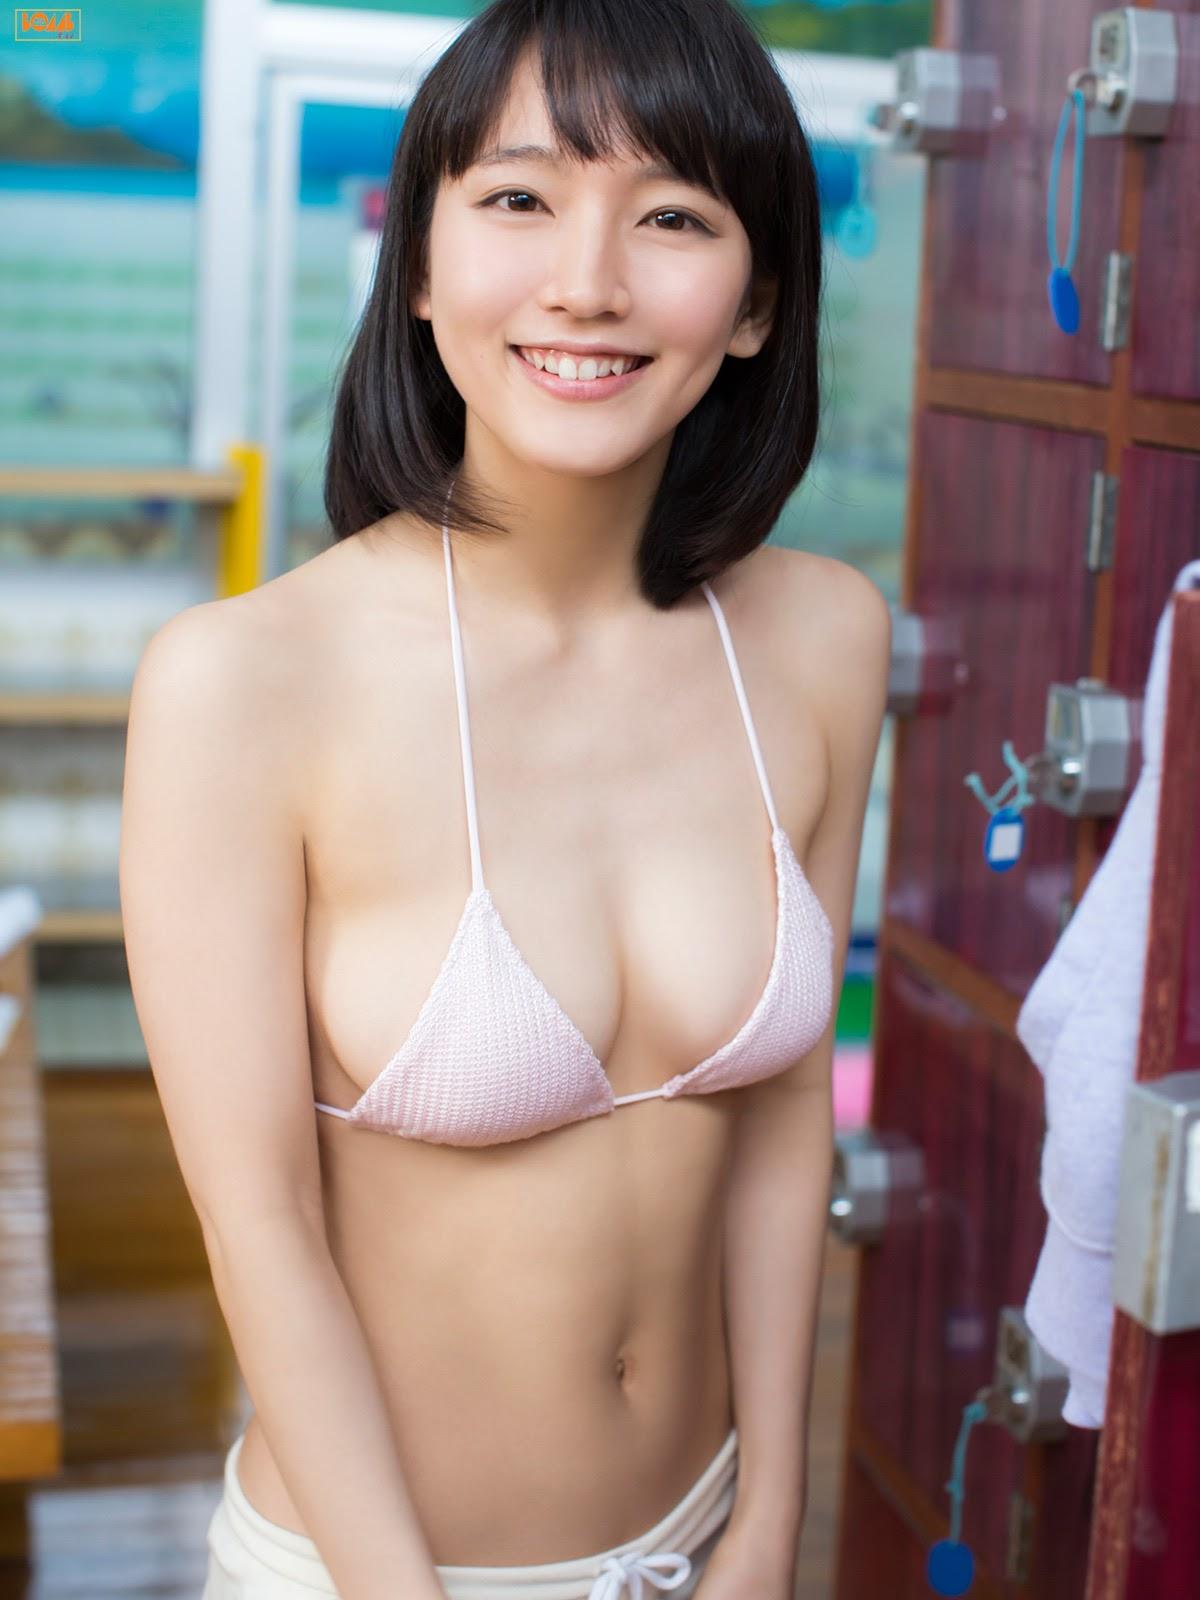 Valuable swimsuit gravure by Yoshiokari012